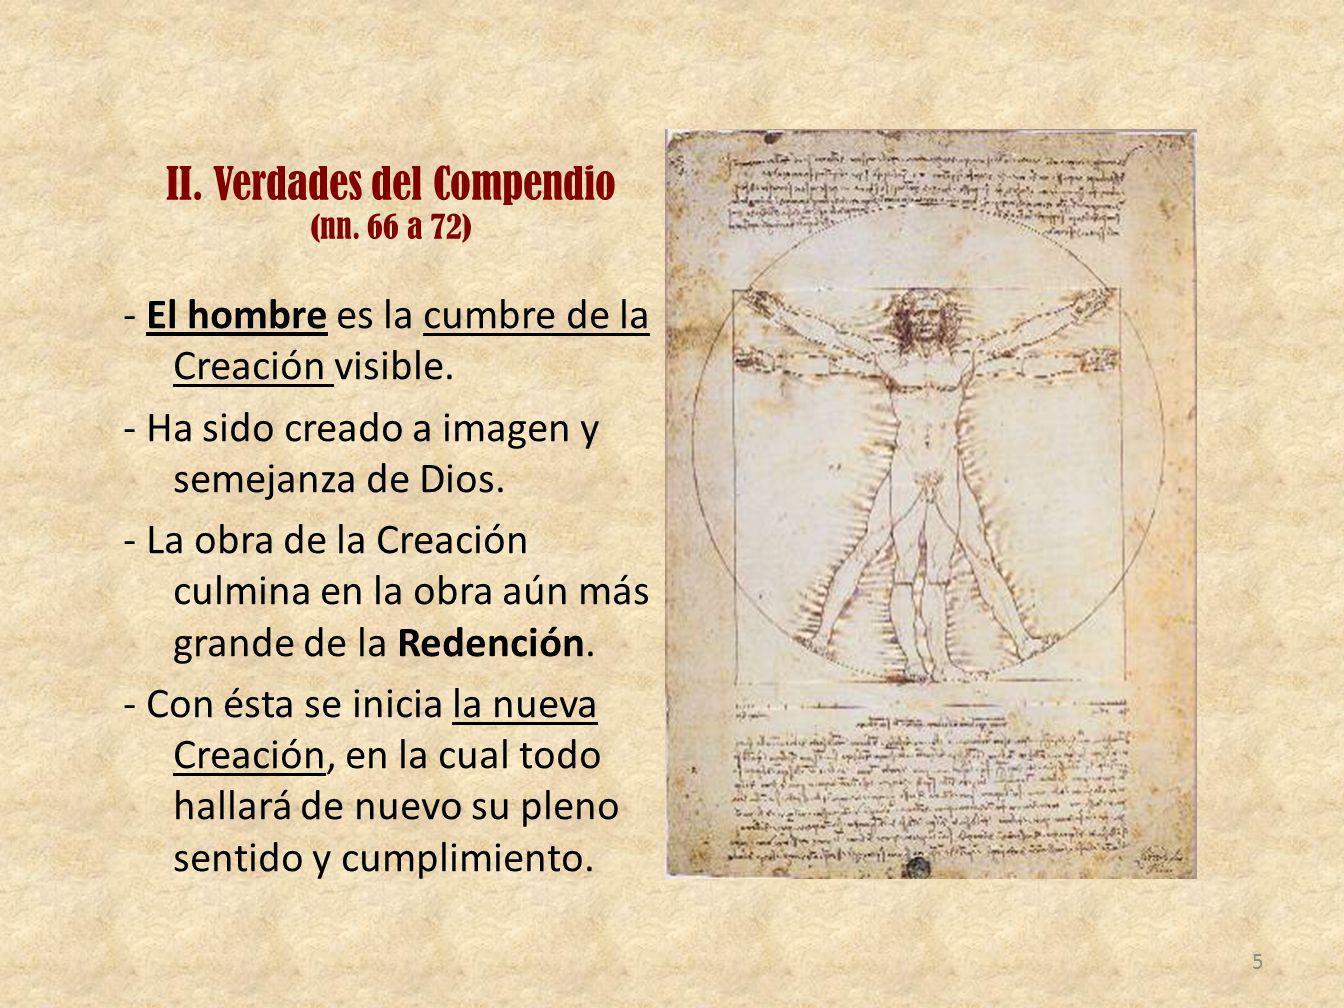 II. Verdades del Compendio (nn. 66 a 72) - El hombre es la cumbre de la Creación visible. - Ha sido creado a imagen y semejanza de Dios. - La obra de